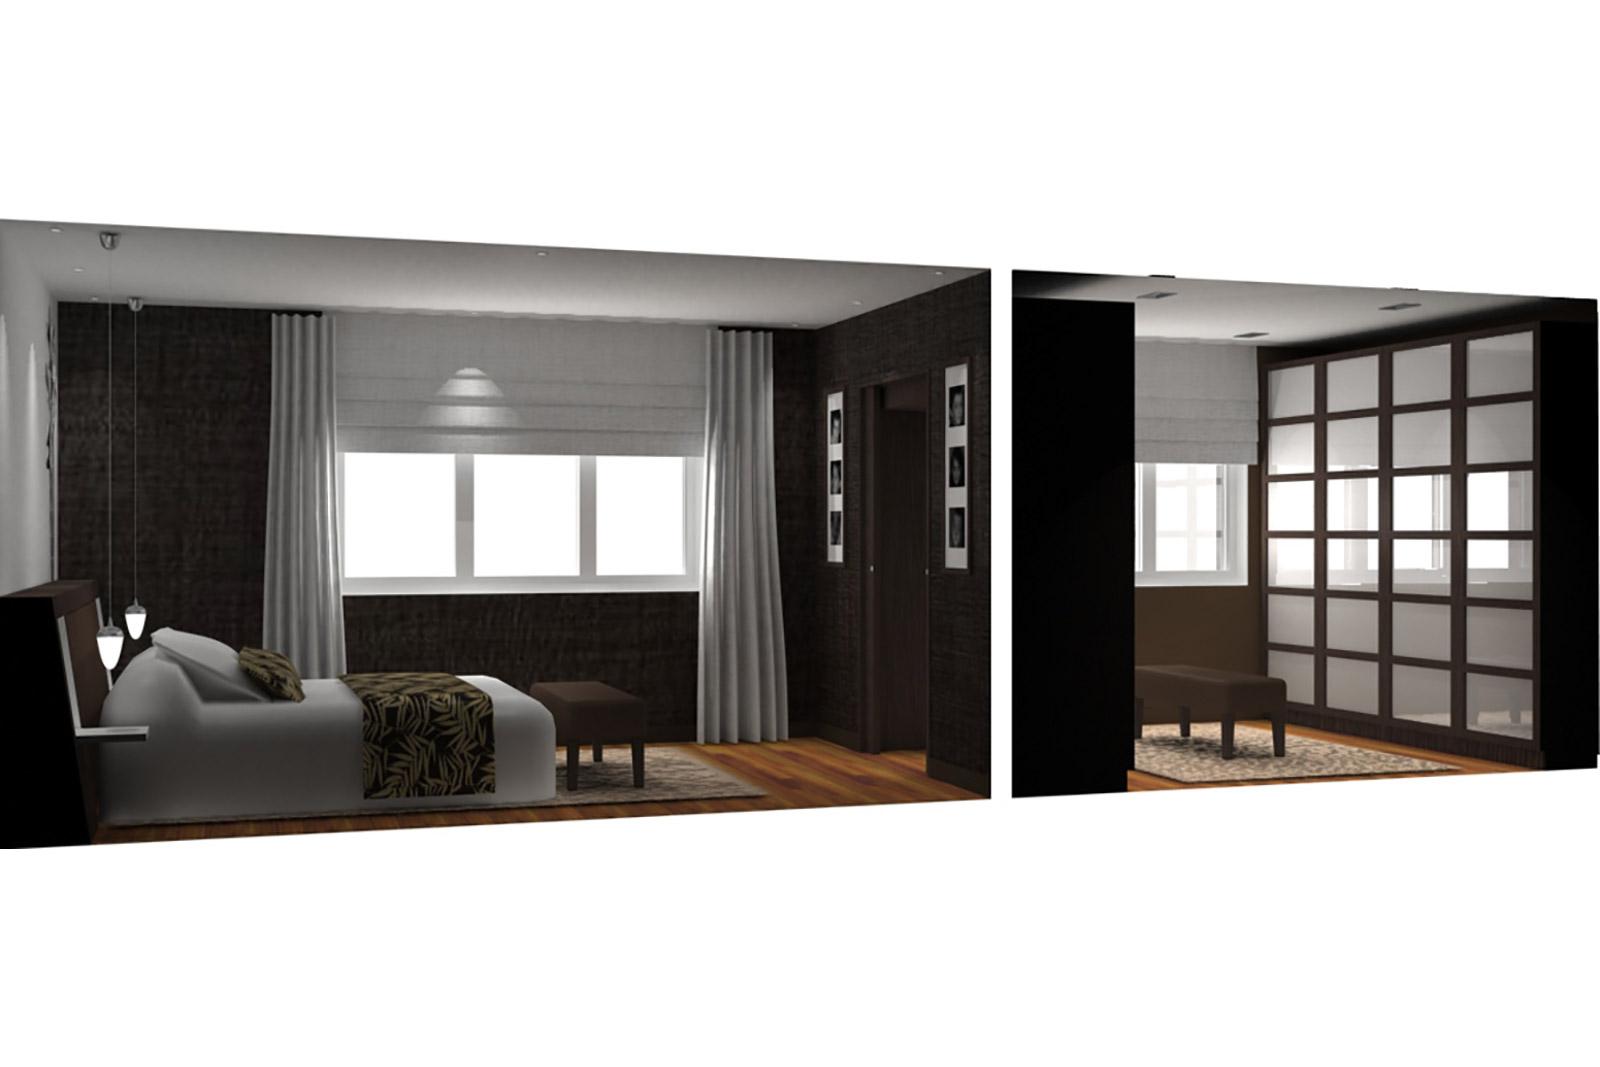 Suite parentale - image 3D